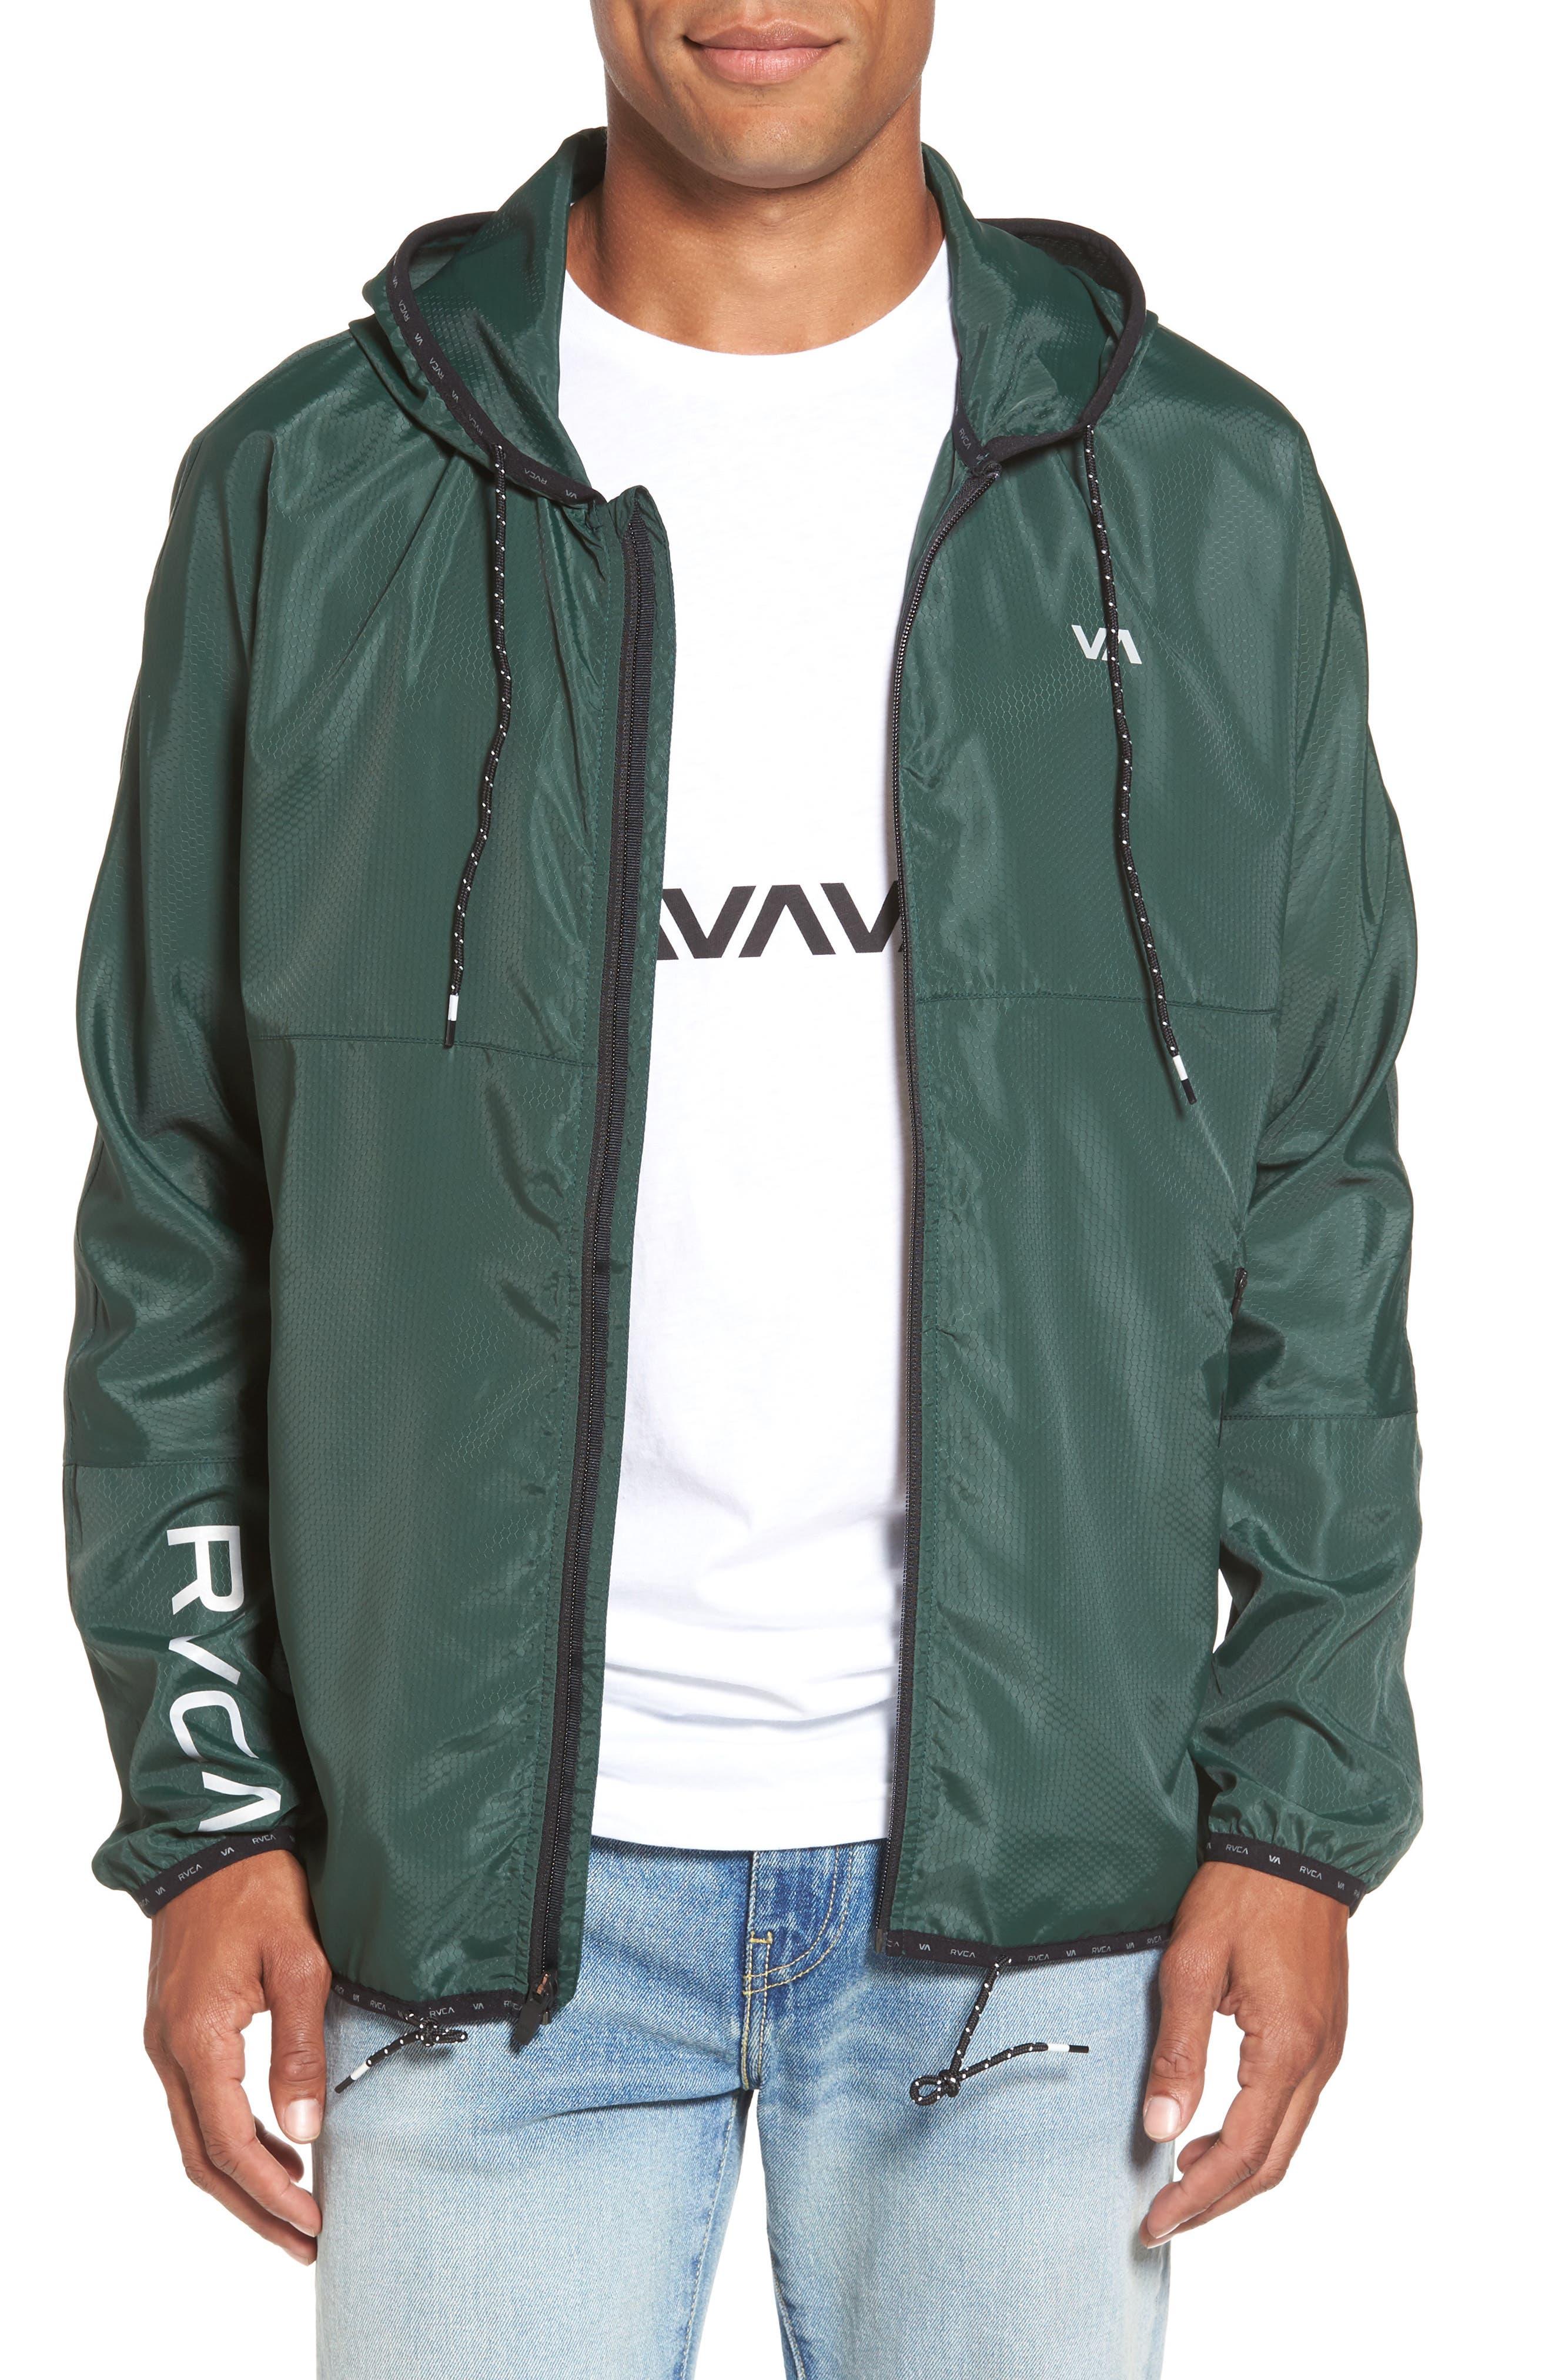 Alternate Image 1 Selected - RVCA Hexstop II Water Repellent Hooded Jacket